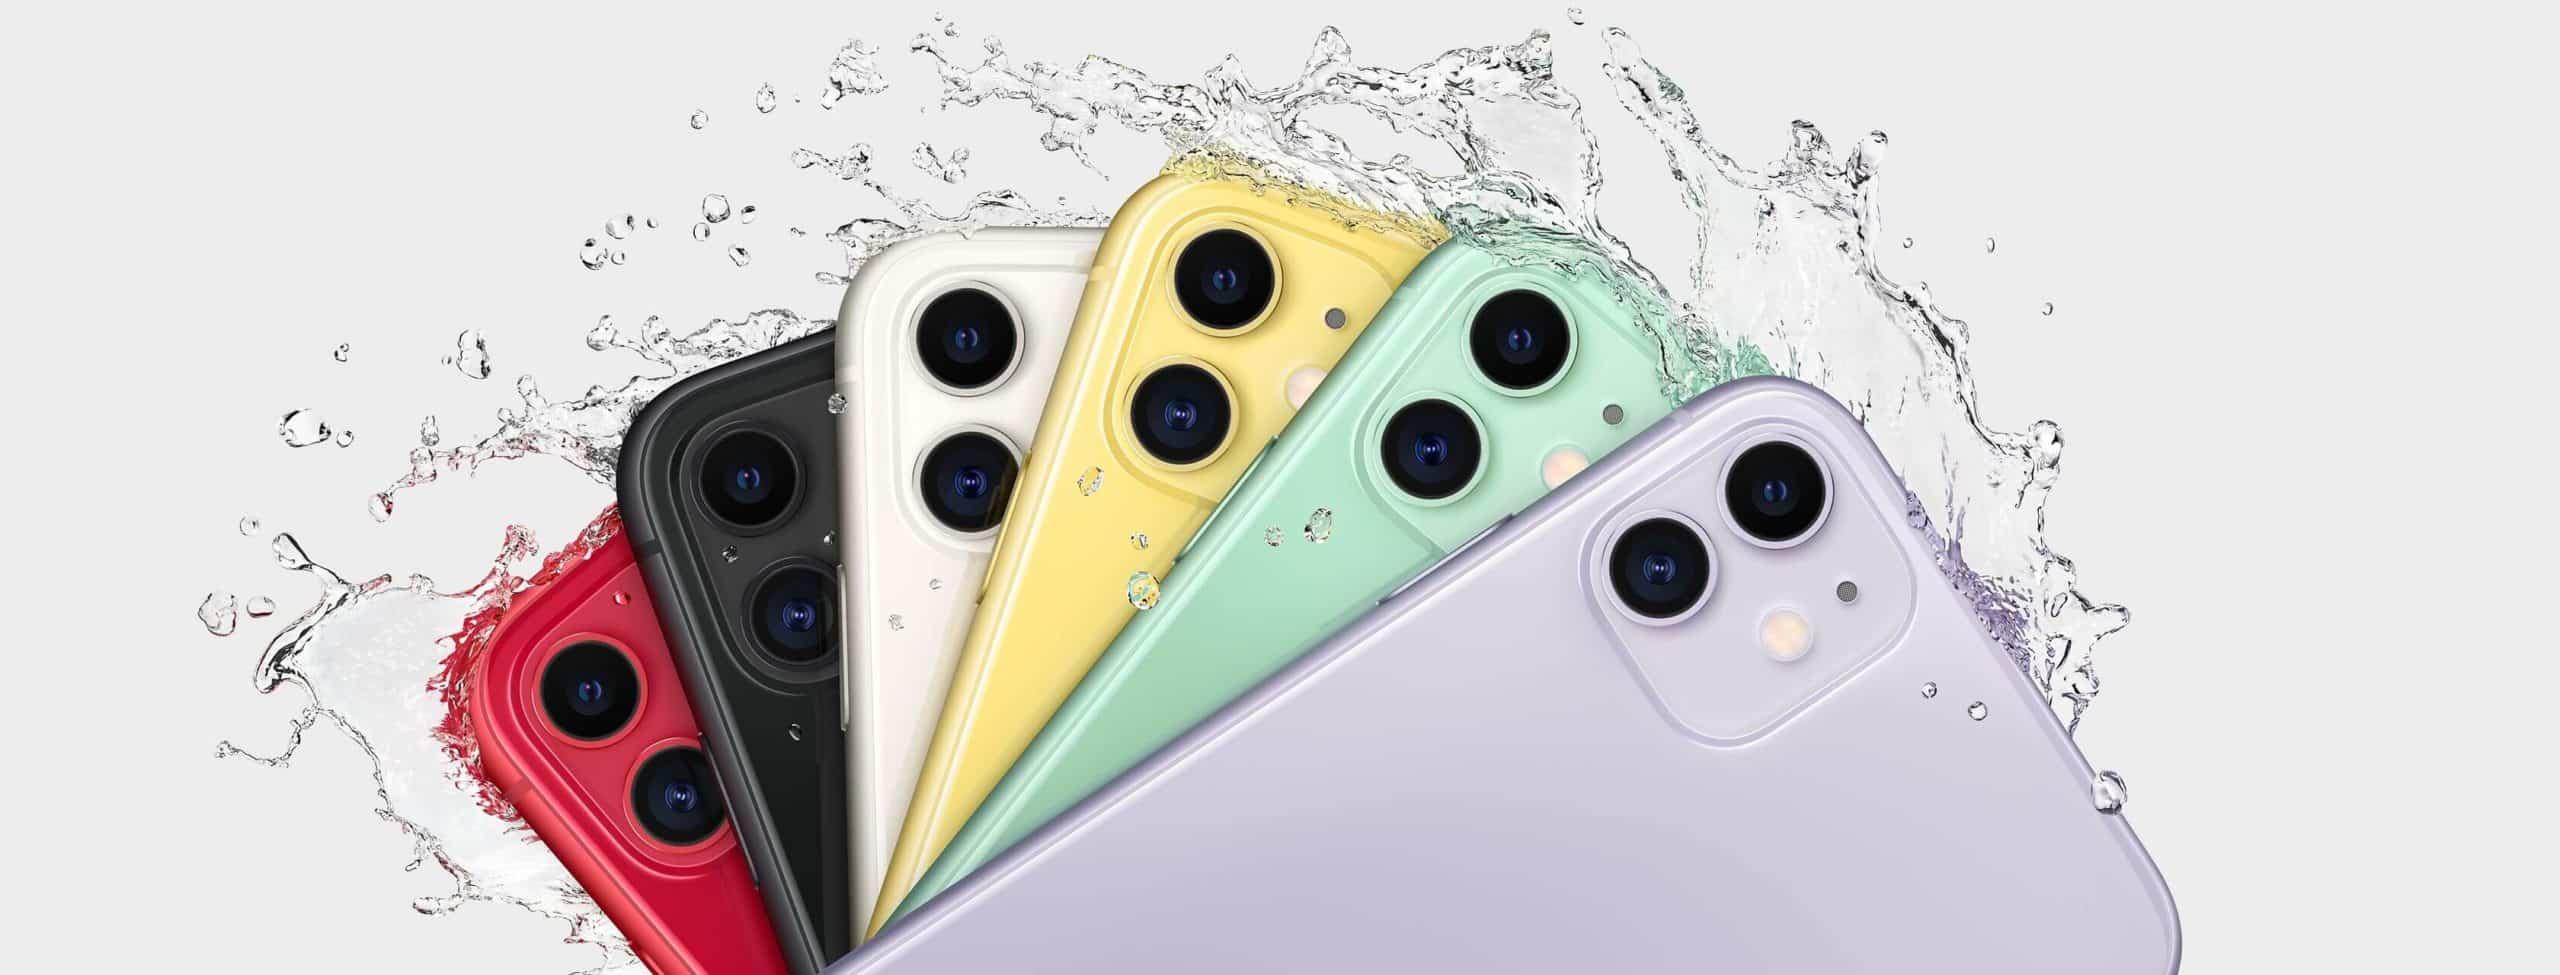 Dank iPhone 11: Verkäufe in China legen zuletzt merkbar zu